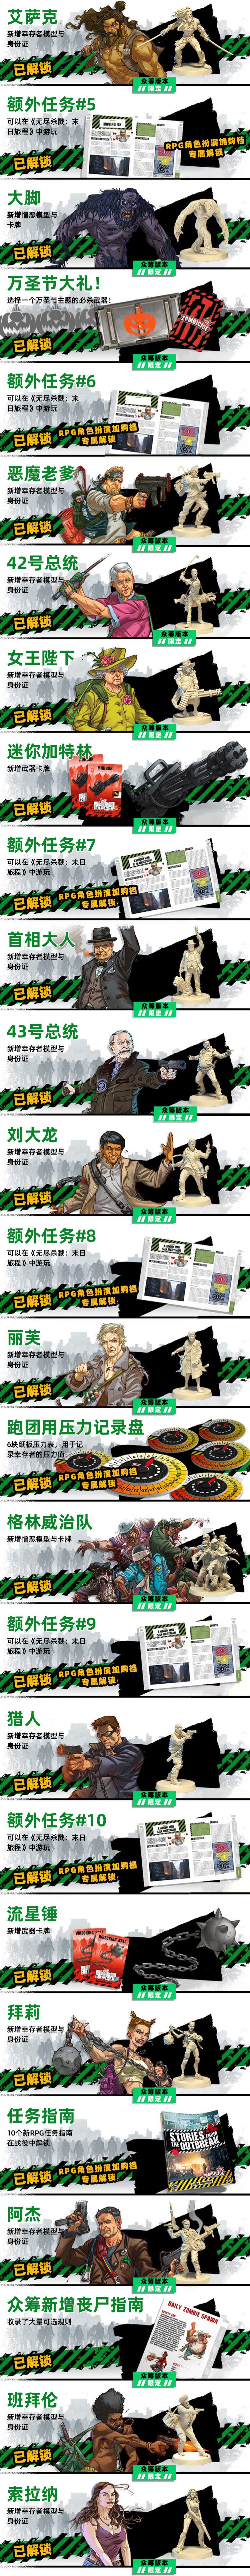 新无尽杀戮预售页面-第三段_02.jpg